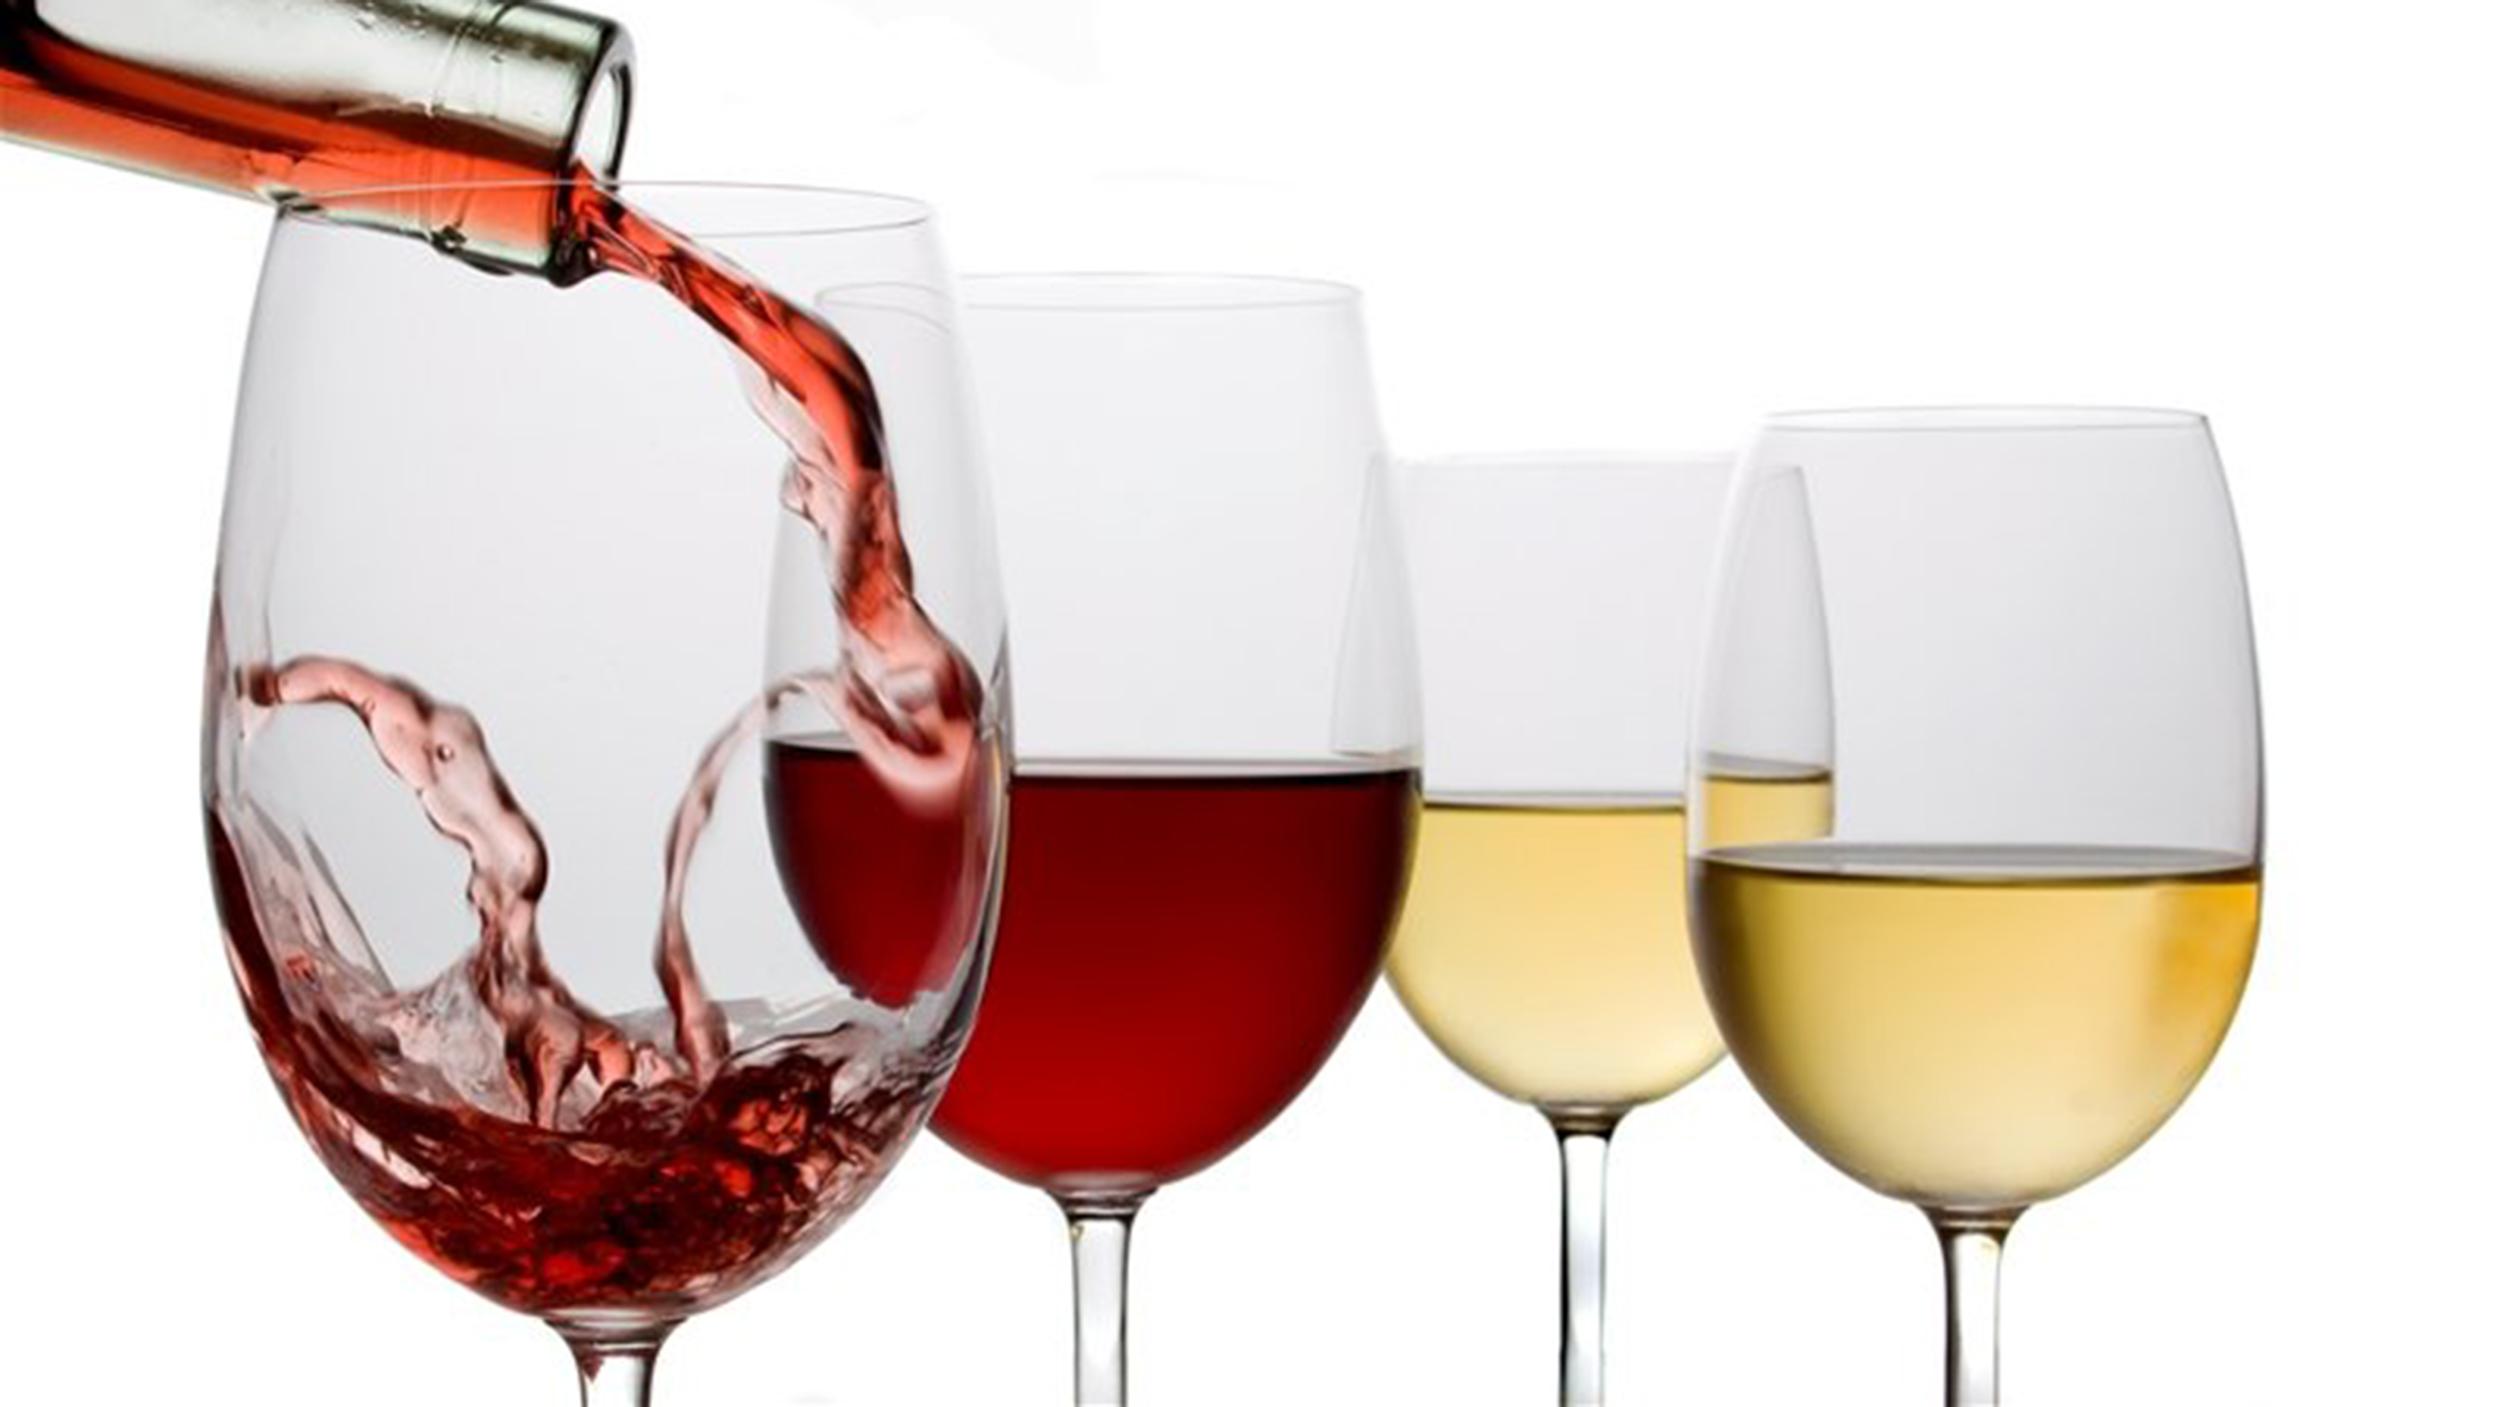 https://i1.wp.com/media1.s-nbcnews.com/i/newscms/2016_42/1151398/wine-today-160817-tease_eac93a174eae9b187d1708af06f09f5d.jpg